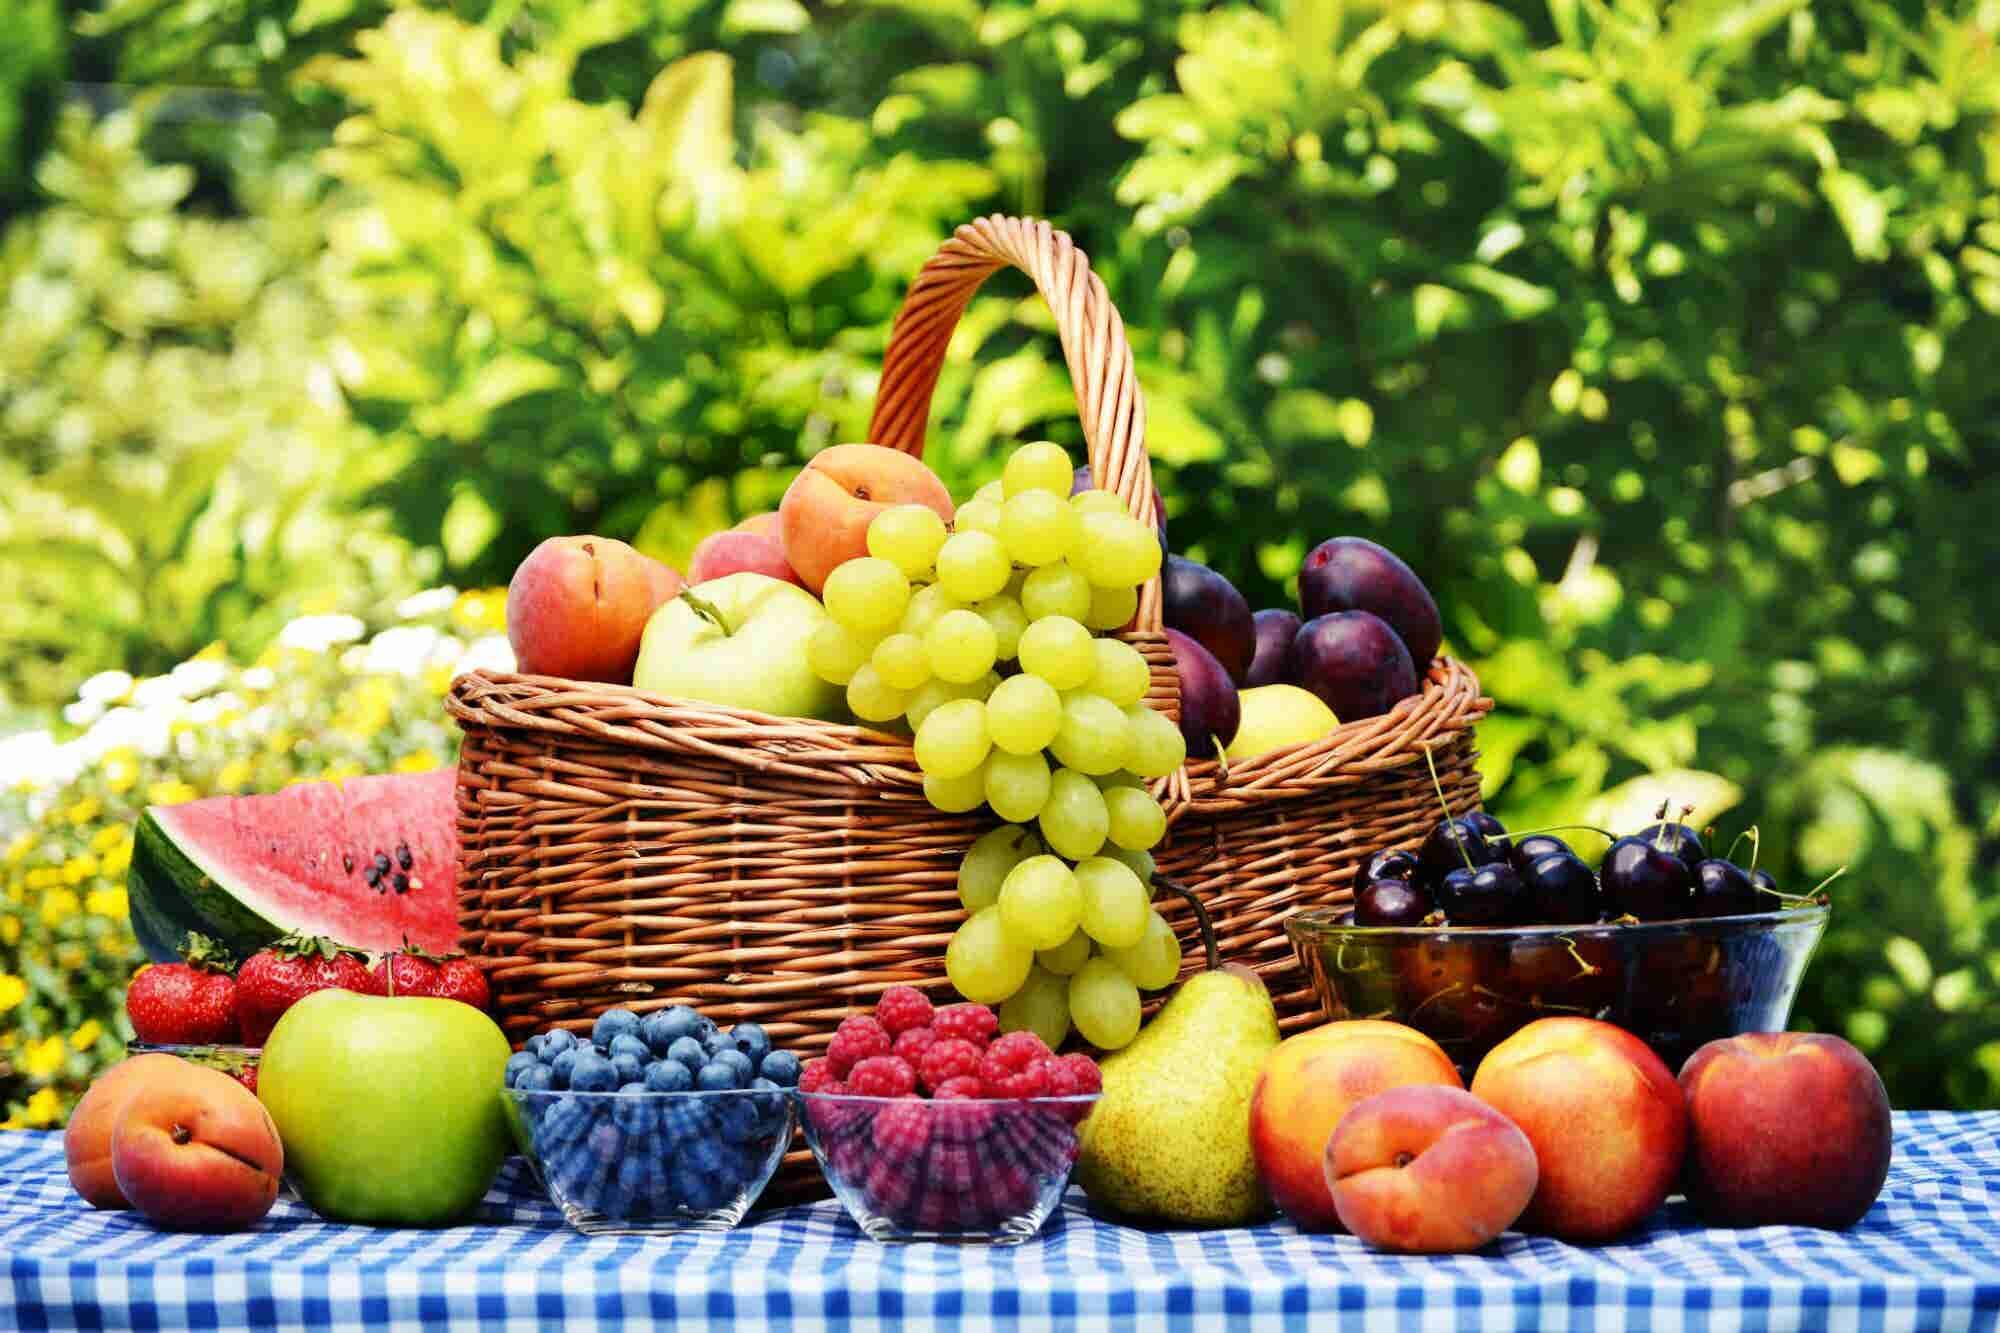 ¡Idea de negocio! Vende frutas y verduras orgánicas a domicilio